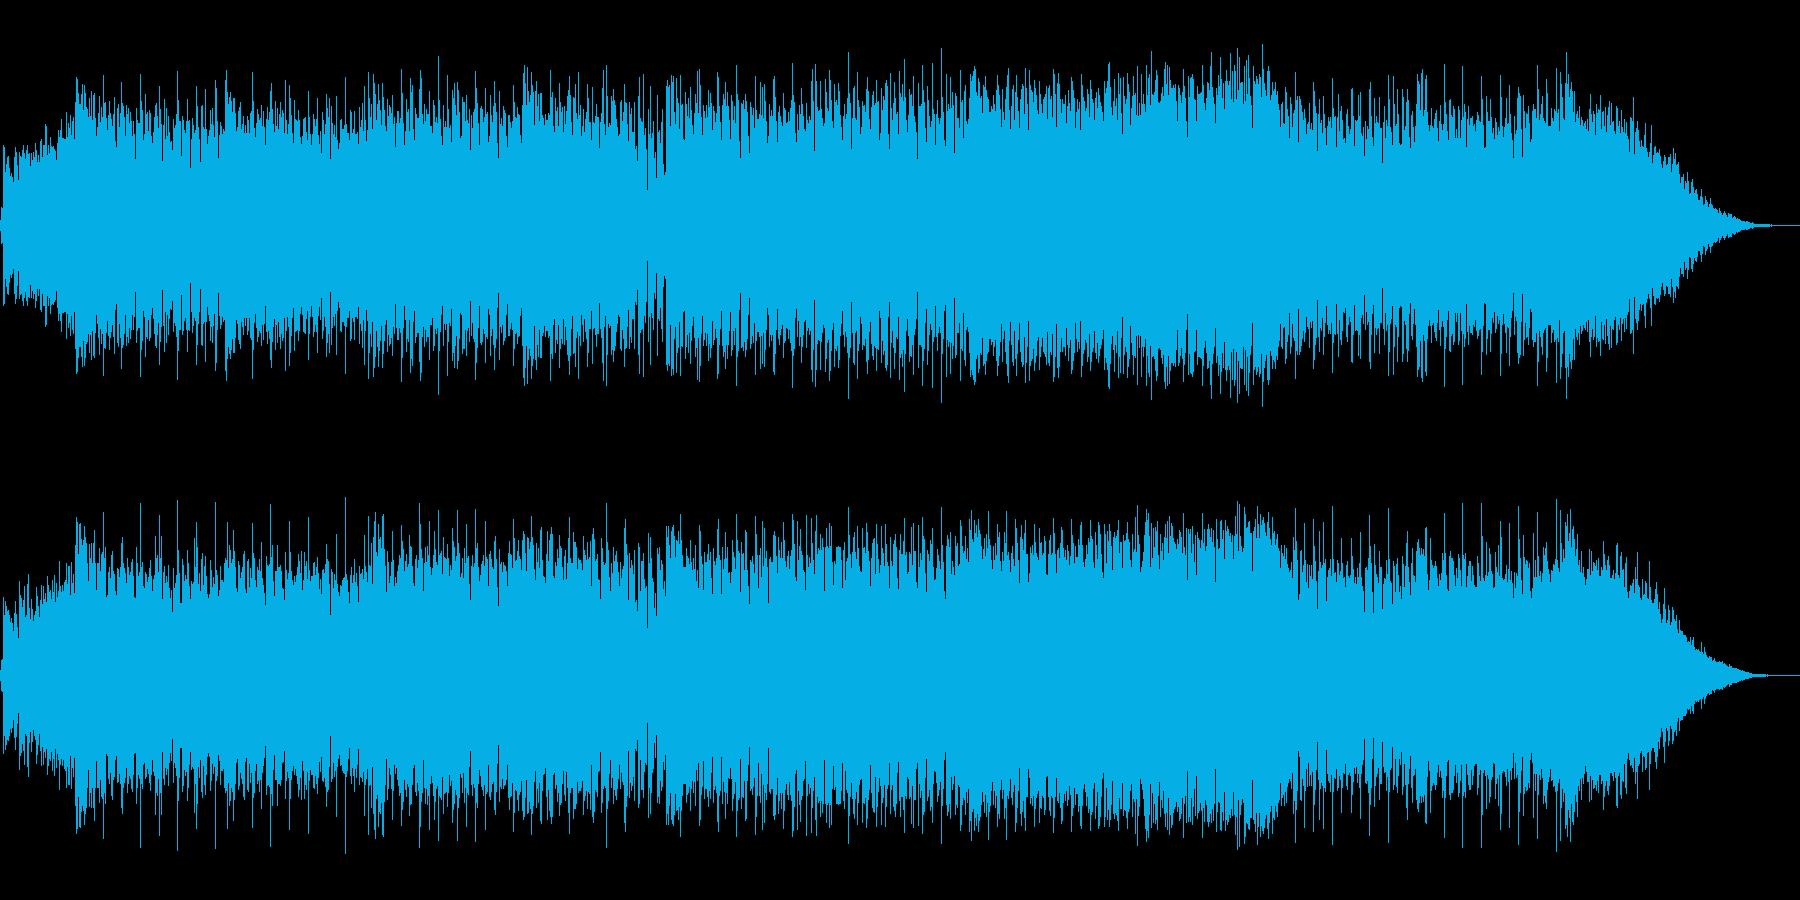 テクノ調の戦闘シーンの再生済みの波形